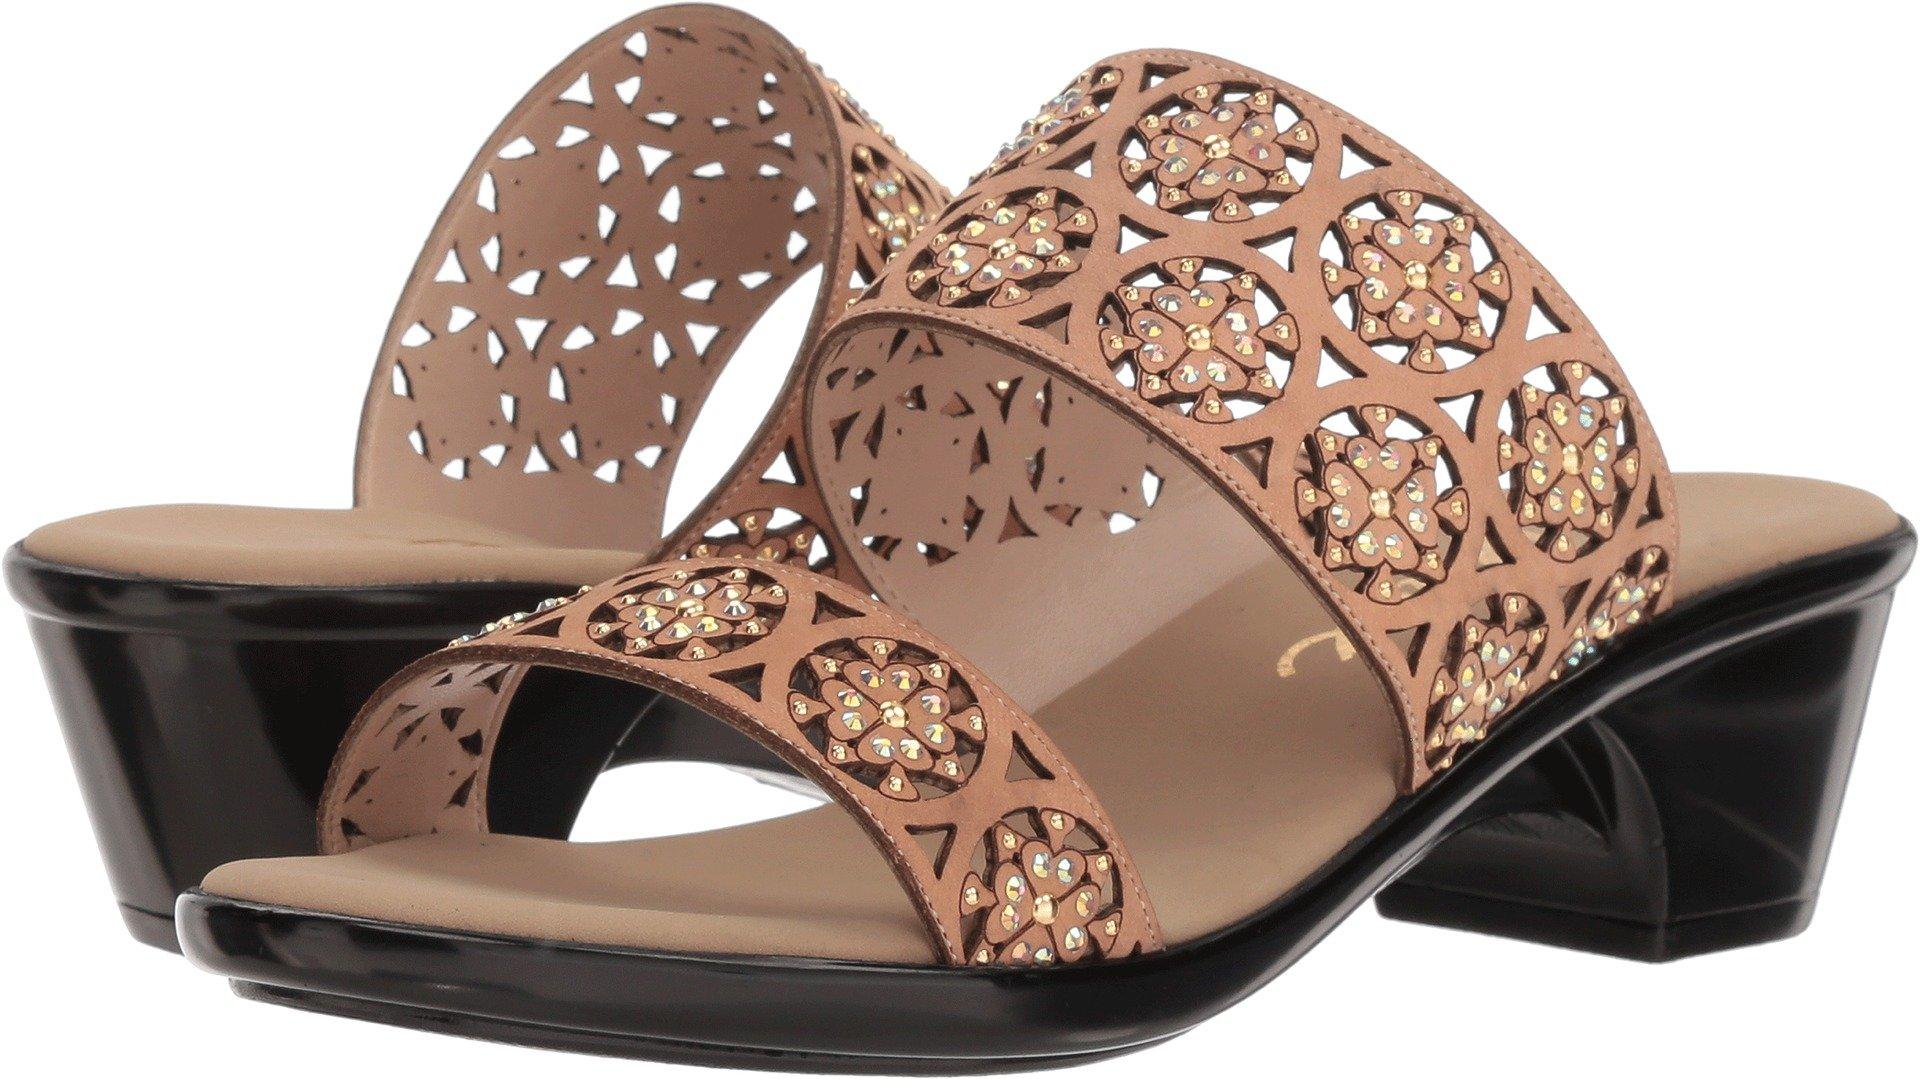 Onex Women's, Rachel Mid Heel Sandals Tan 8 M